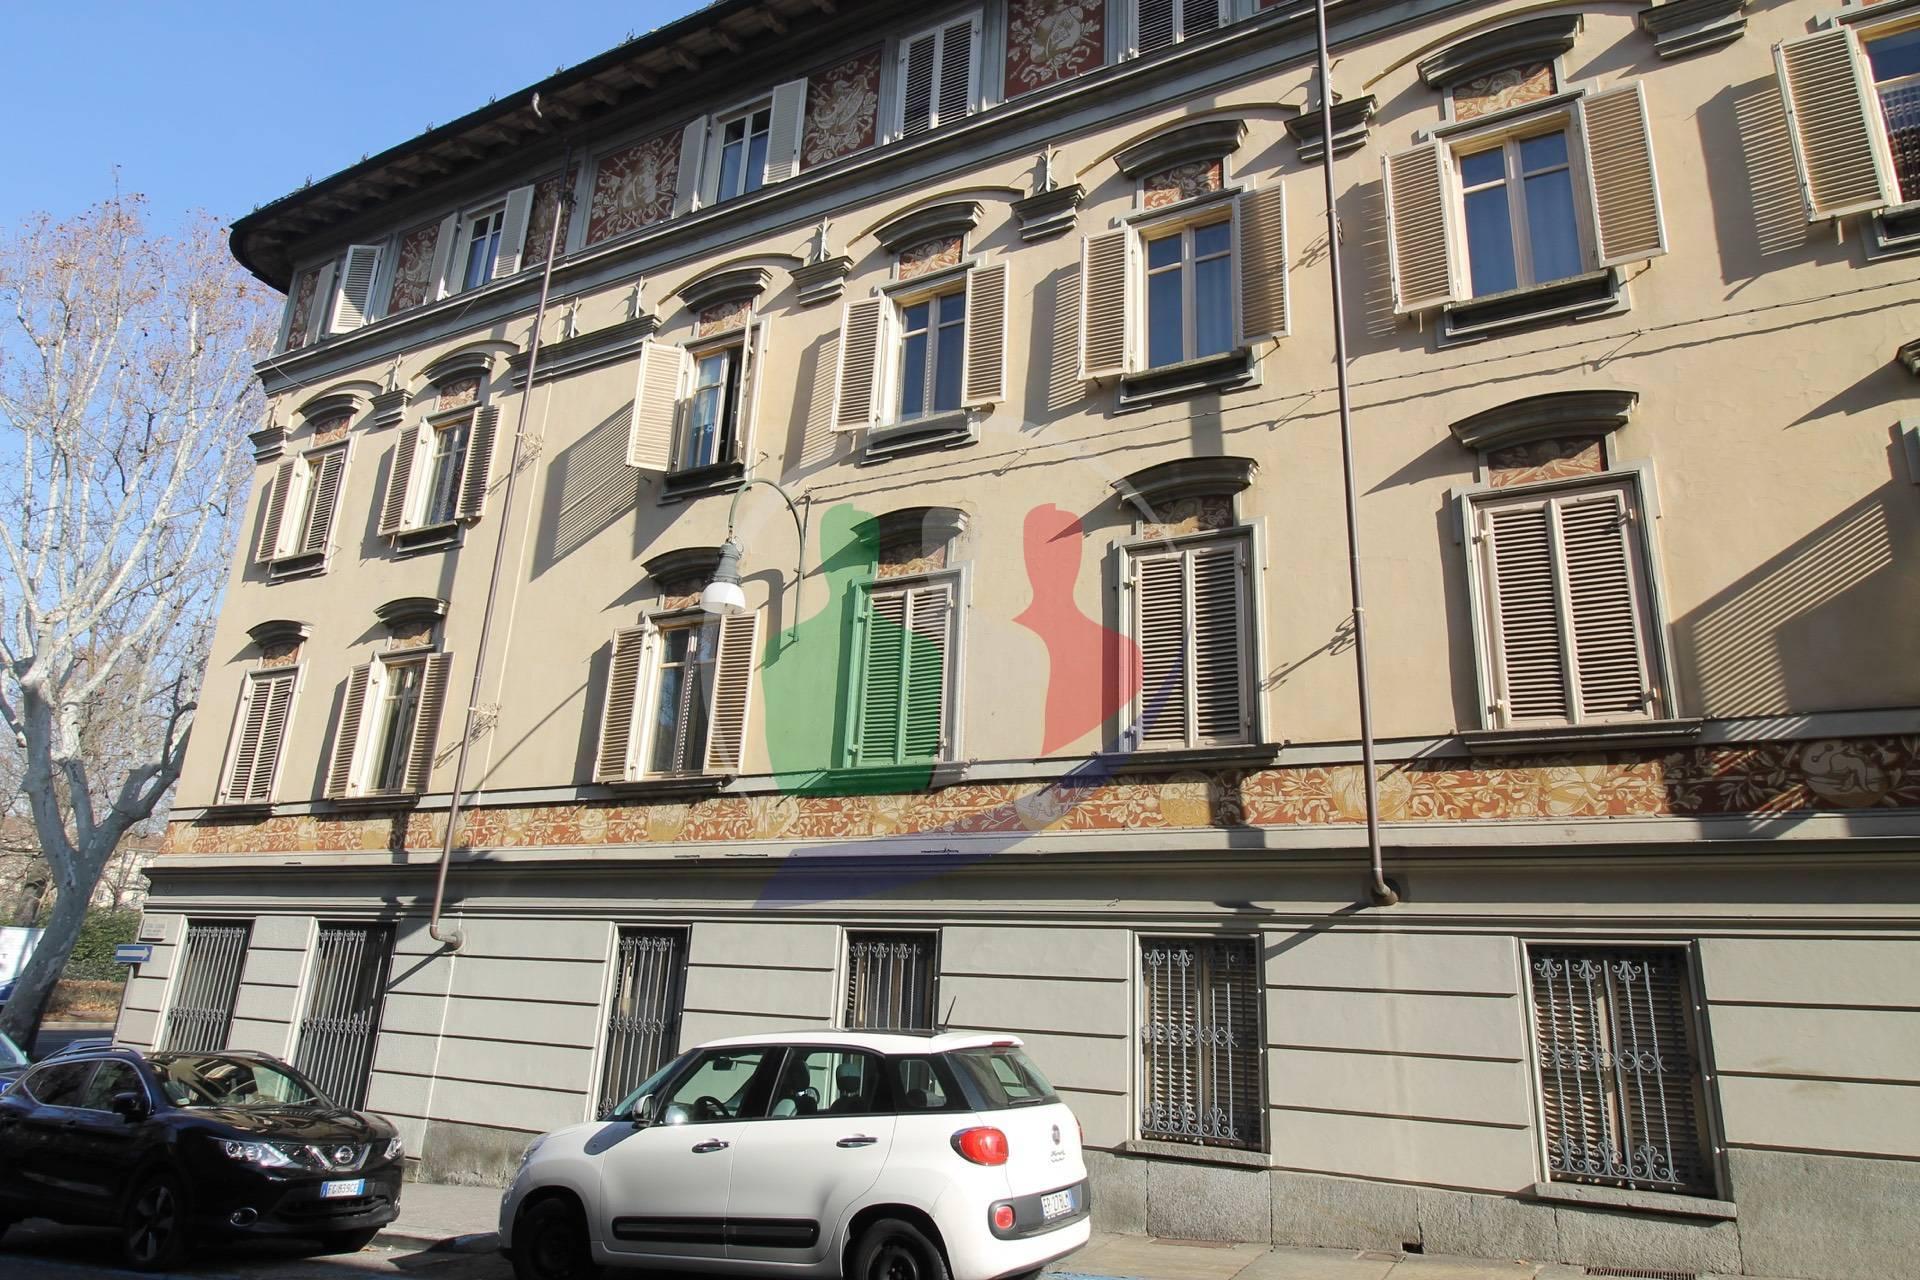 Ufficio / Studio in vendita a Torino, 9999 locali, prezzo € 219.000 | PortaleAgenzieImmobiliari.it